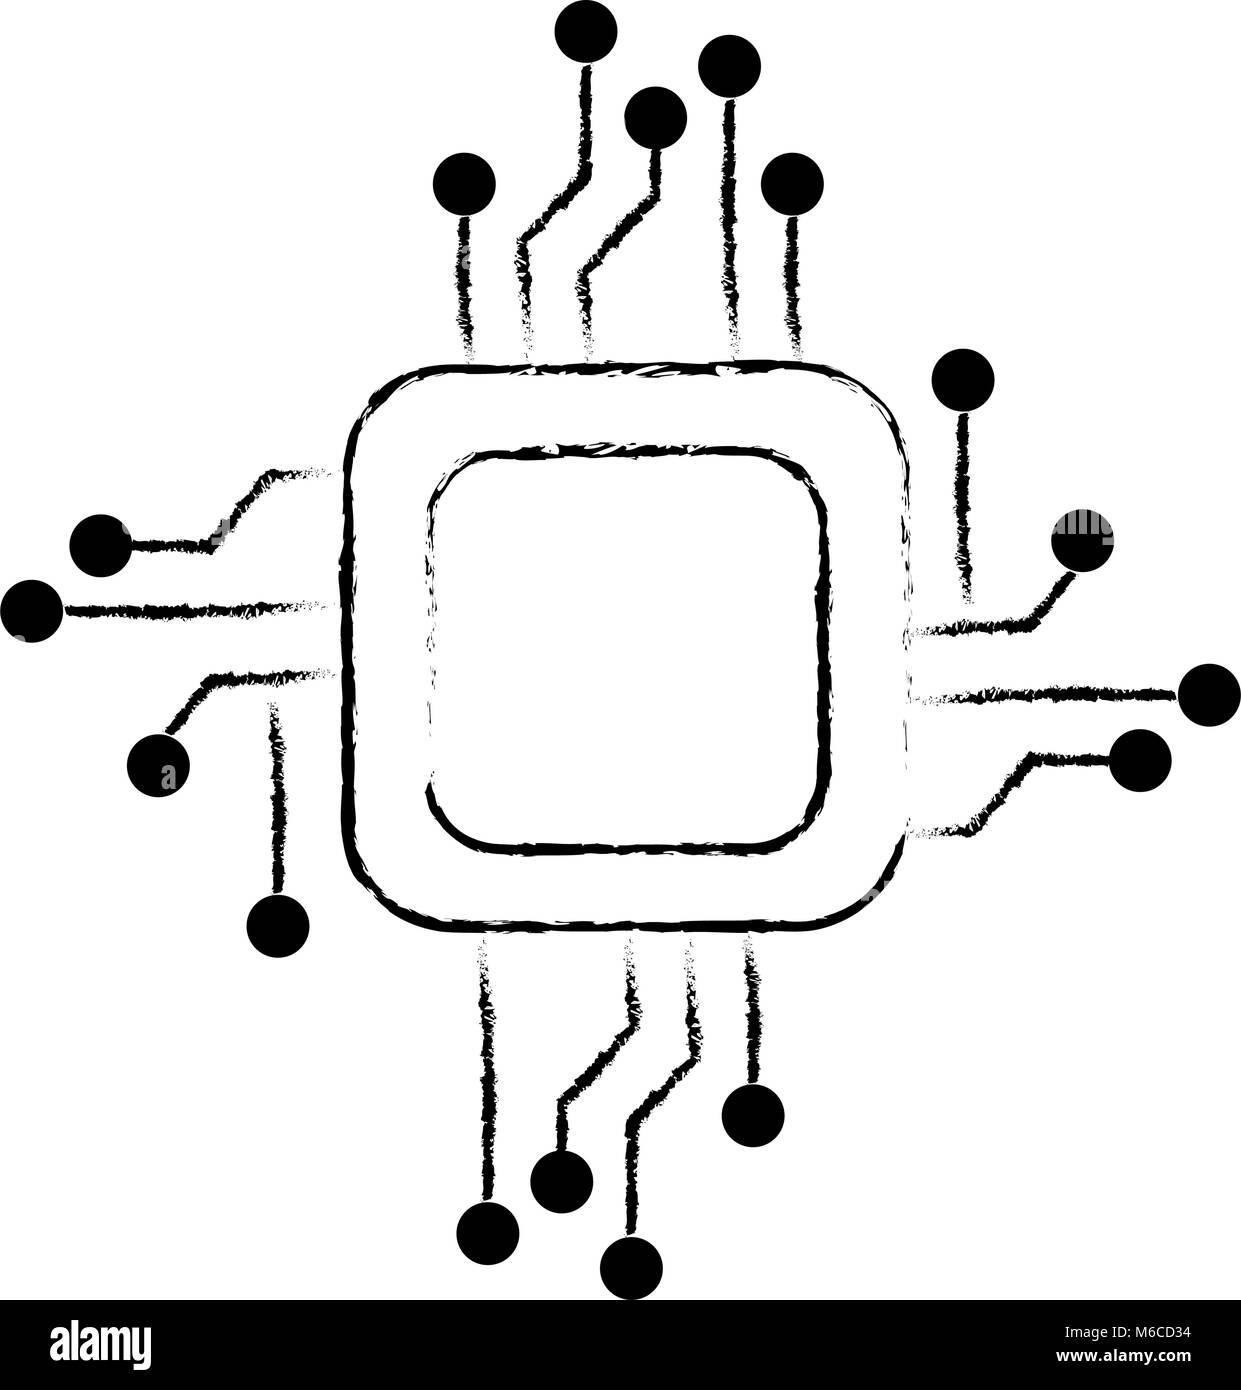 Berühmt Elektrisches Symbol Für Boden Zeitgenössisch - Die Besten ...